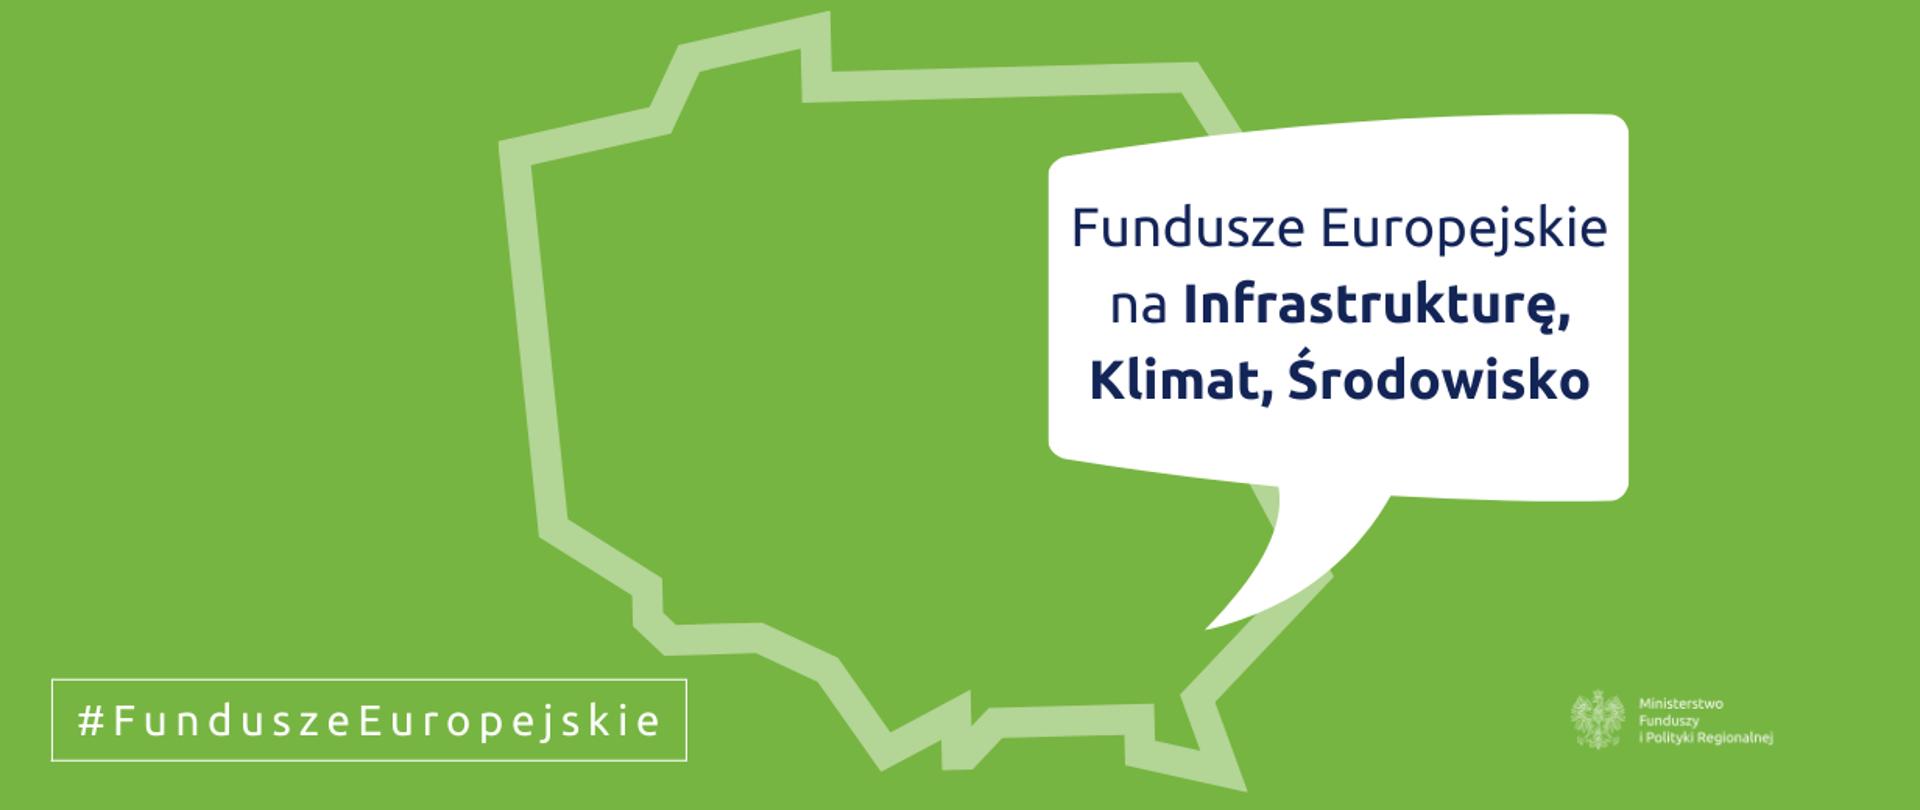 """Zielone tło, na nim kontury mapy Polski i z """"dymkiem"""" zaznaczonym w miejscu Rzeszowa i napis: Fundusze Europejskie na Infrastrukturę, Klimat i Środowisko. Na dole logo MFiPR."""